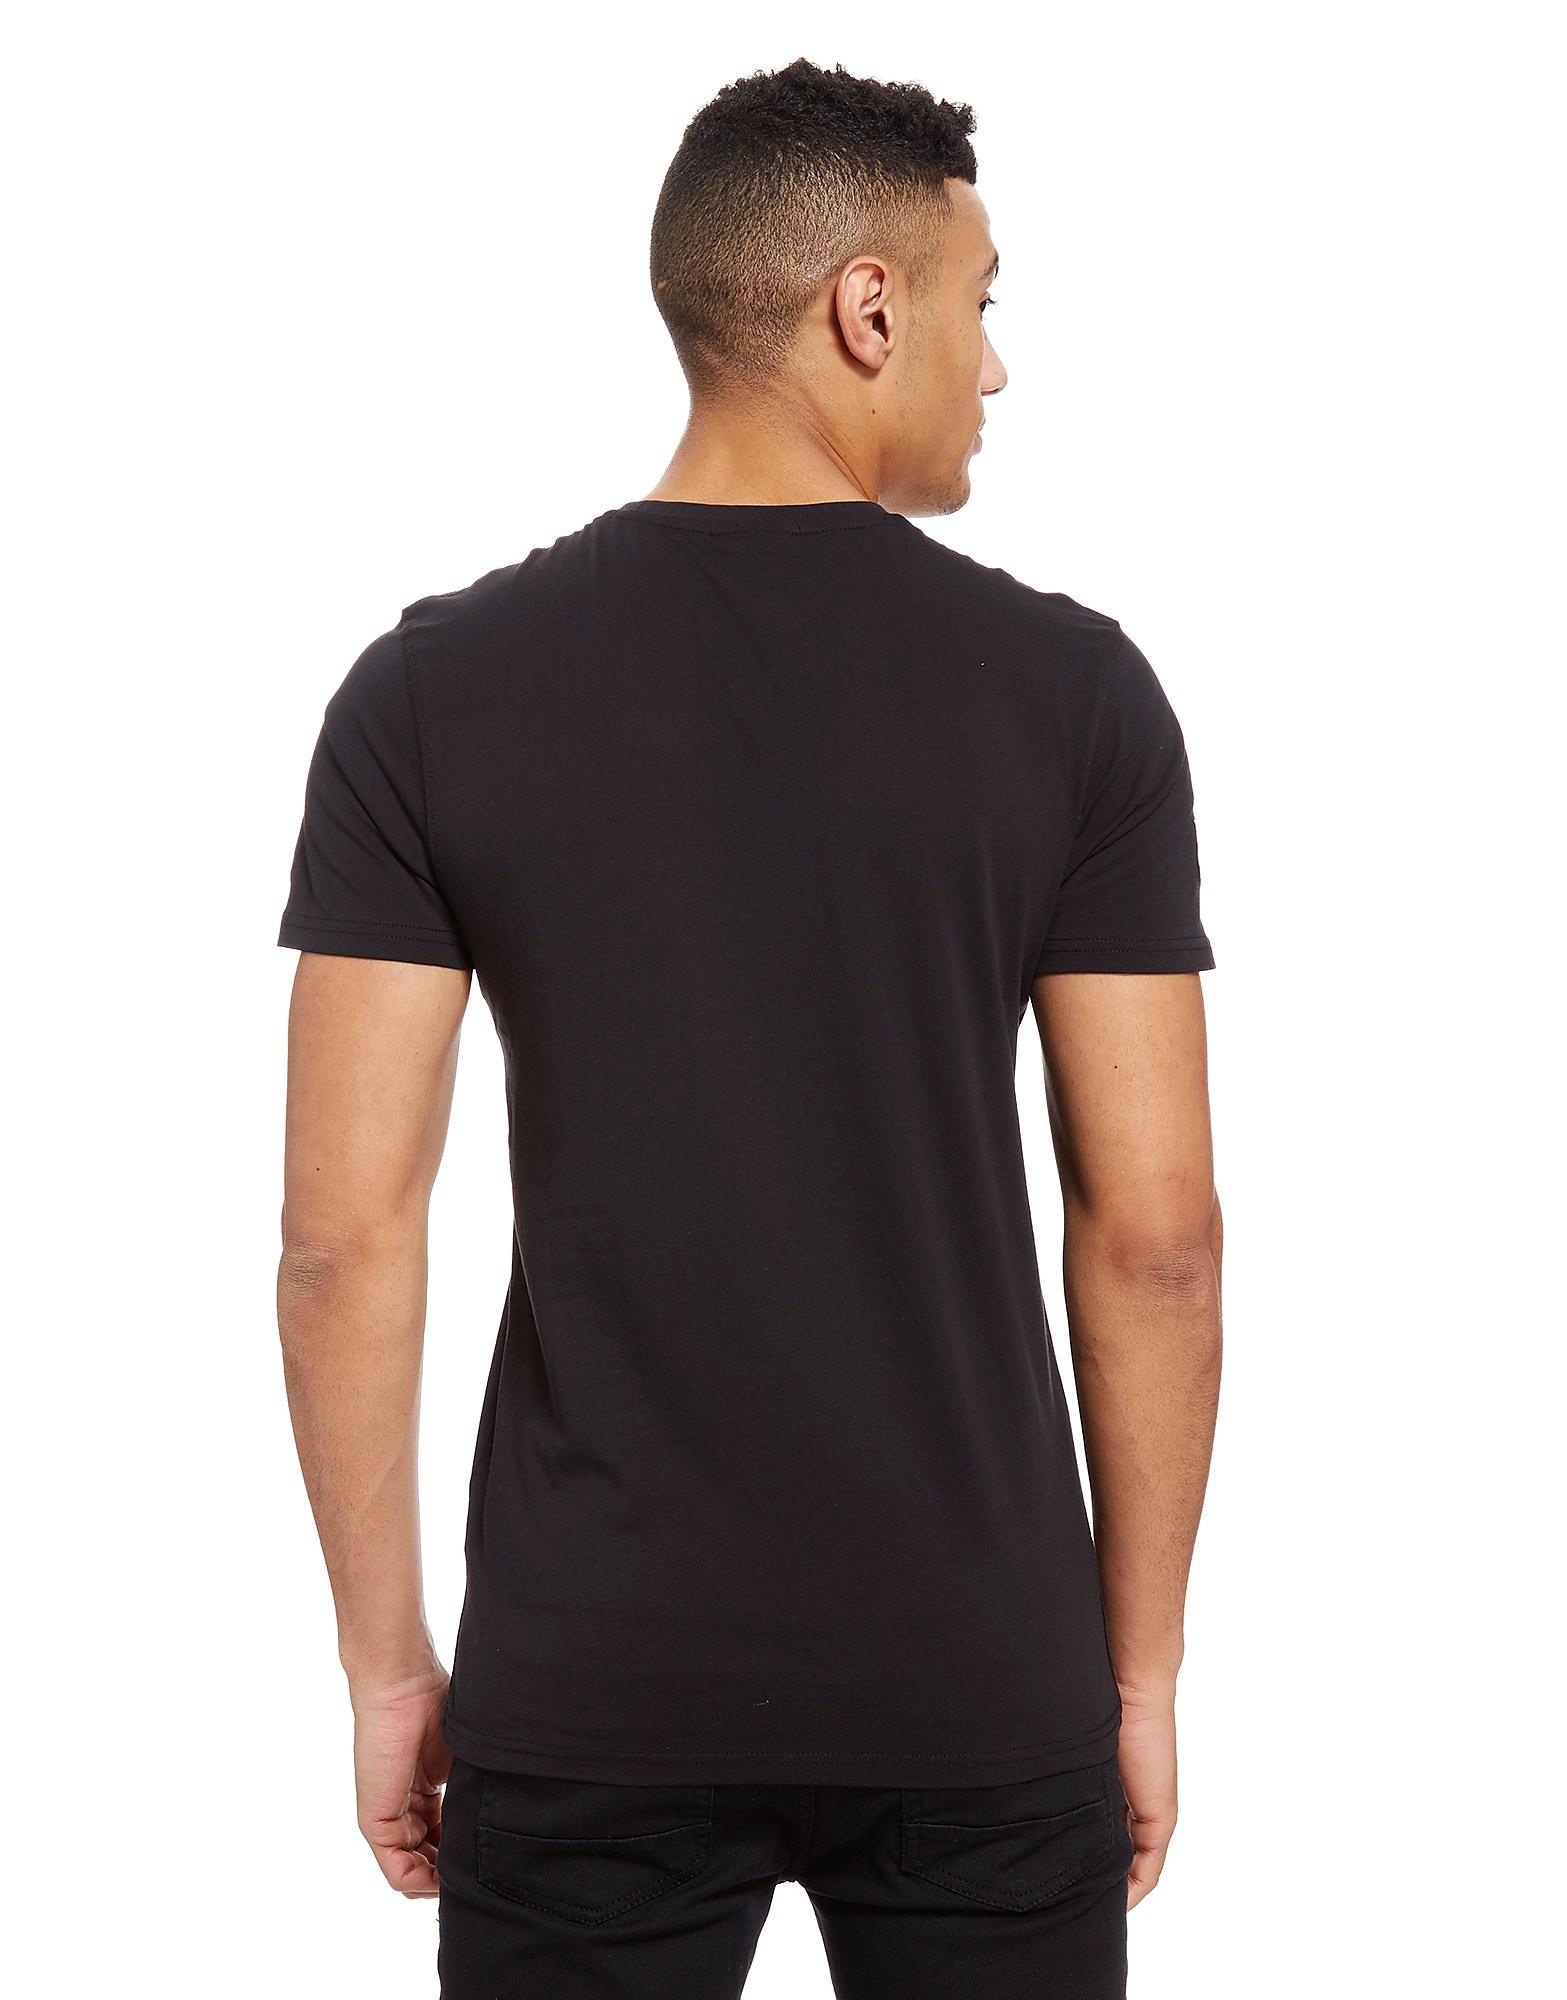 New Era Arizona Cardinal T-Shirt